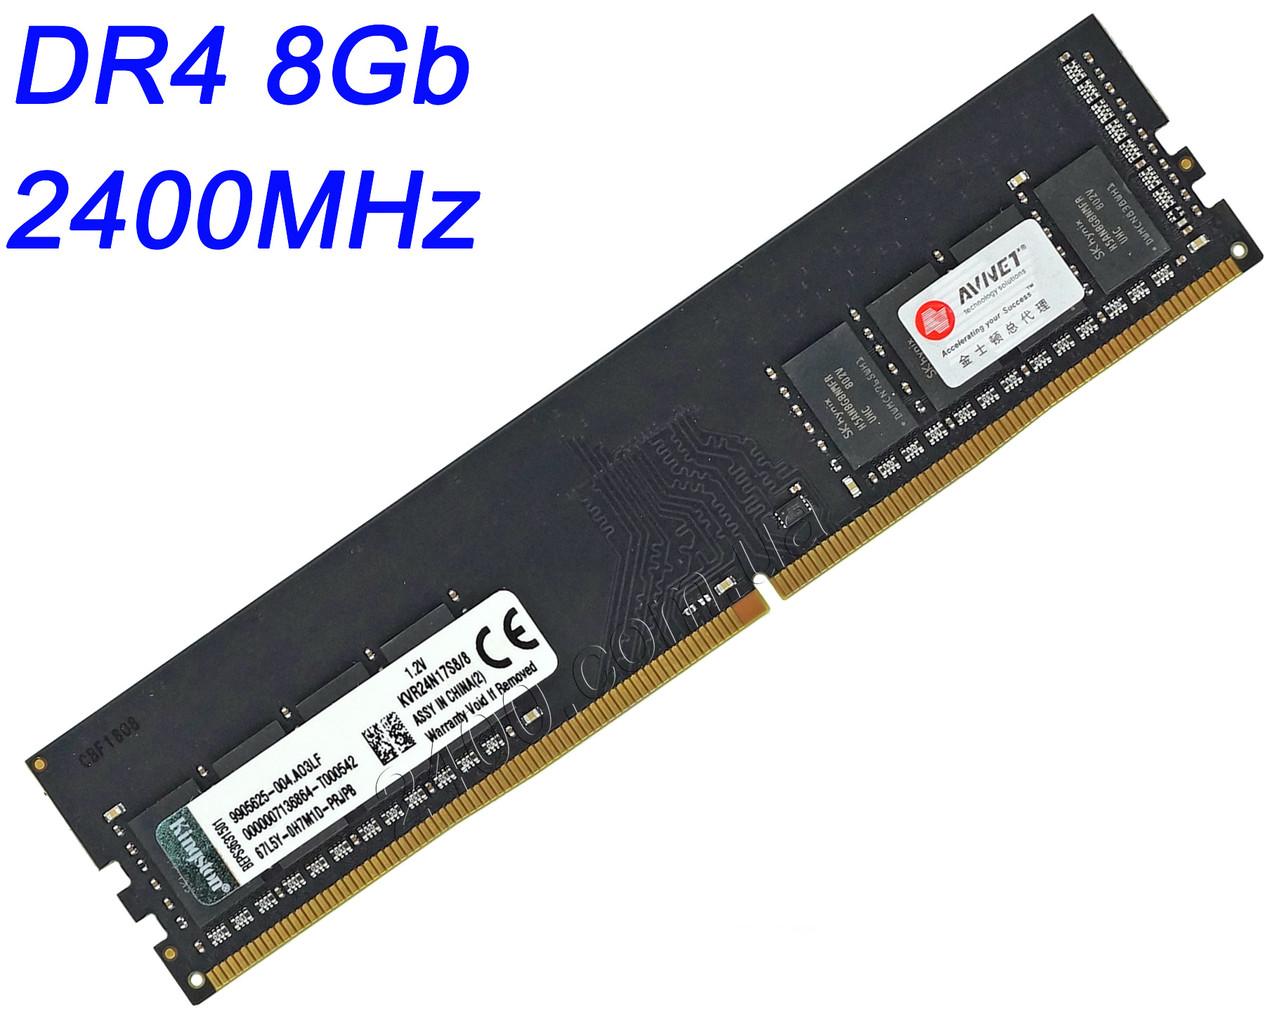 Оперативная память DDR4 8Gb (8Гб) 2400MHz PC4-19200 (KVR24N17S8/8) универсальная 8192MB (ДДР4 8Гб) 8 Gb